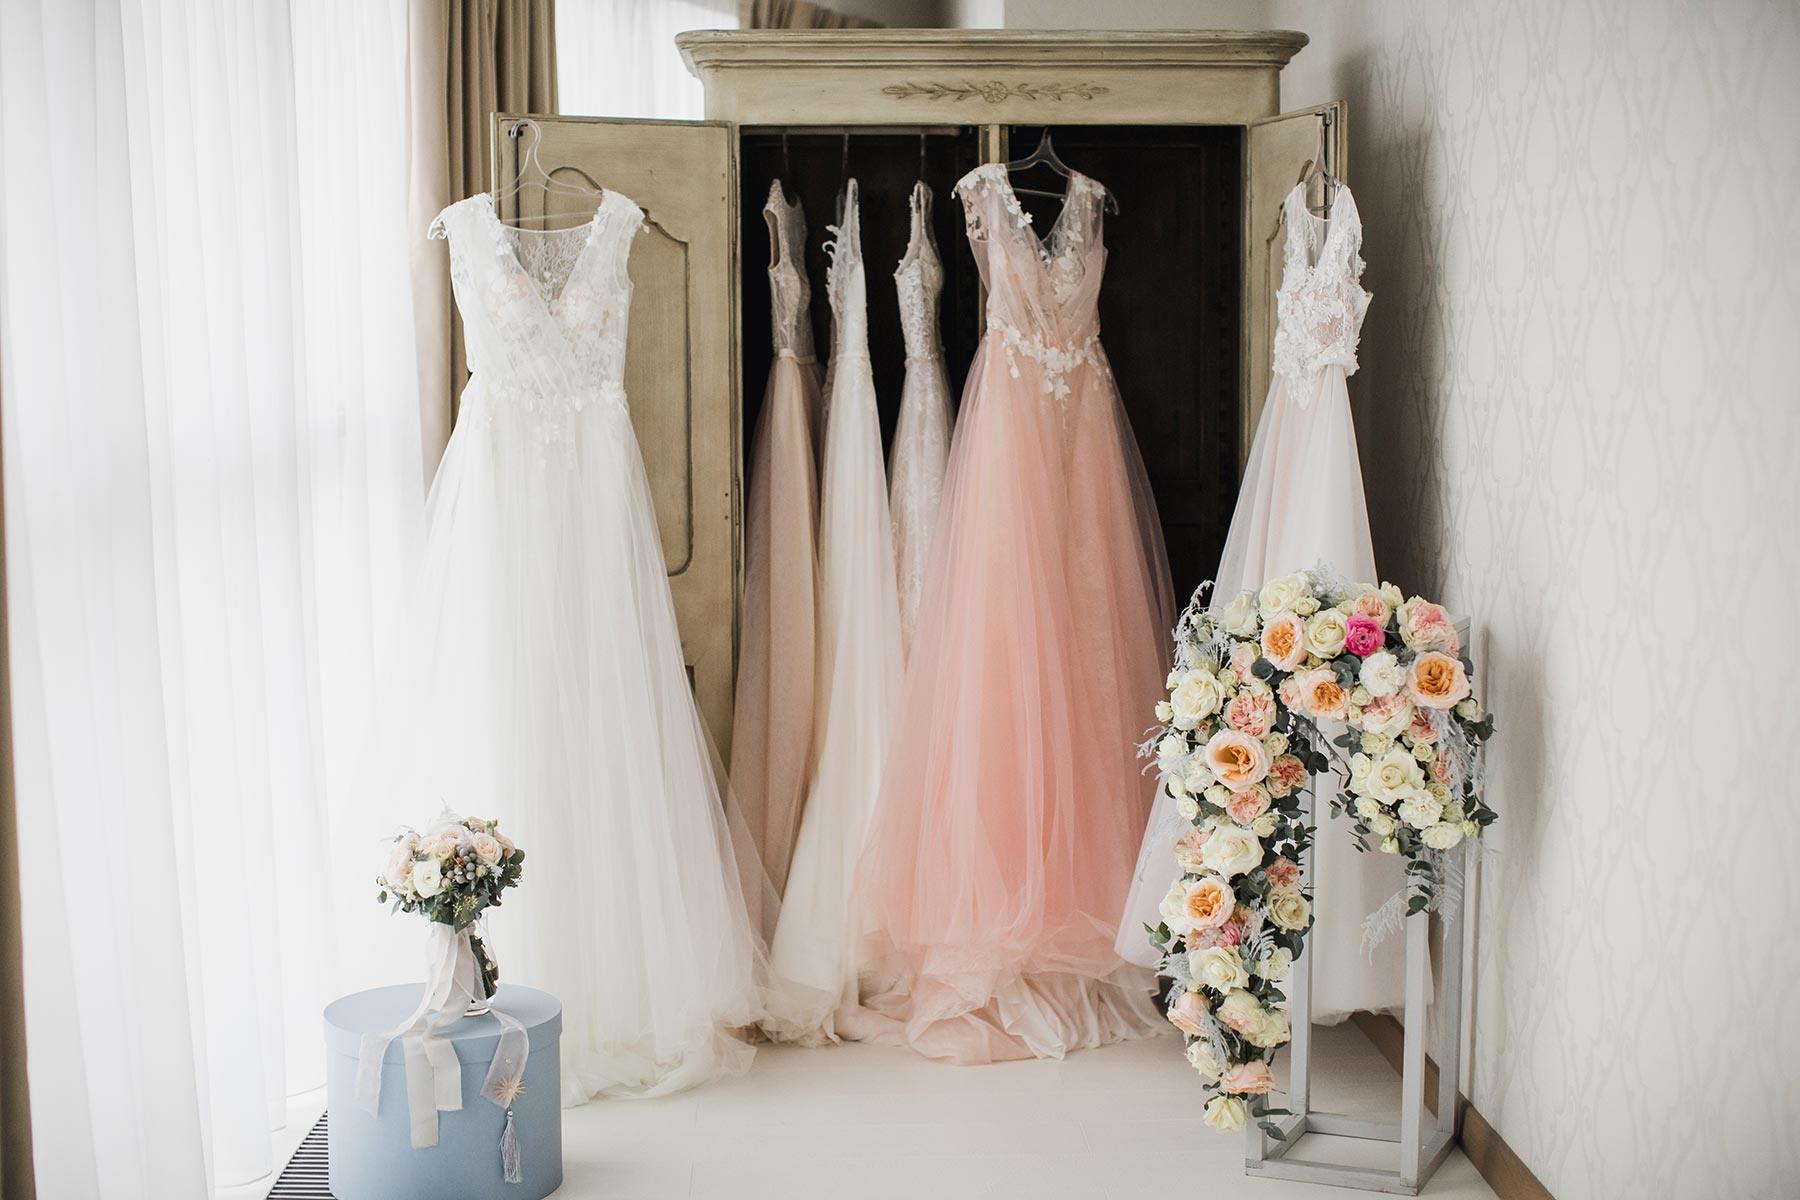 Brautkleid Aufbewahren: Zwischen Der Finalen Anprobe Und Der